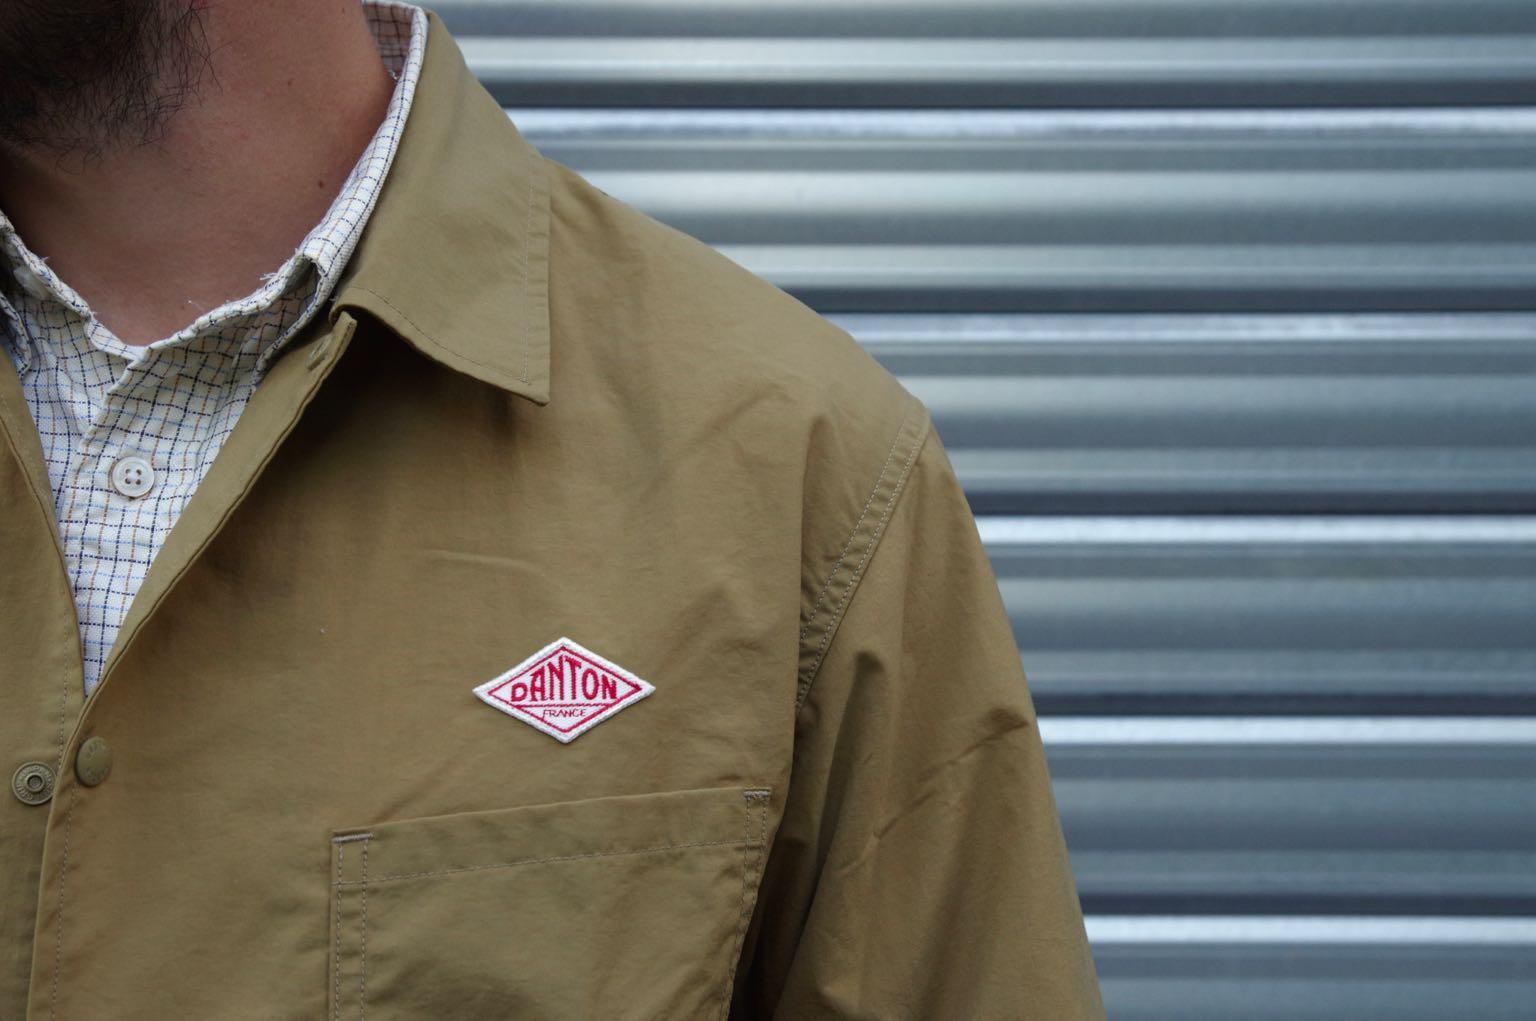 Danton - une marque française workwear sauvée et relancée par les japonais - nylon taffeta jacket